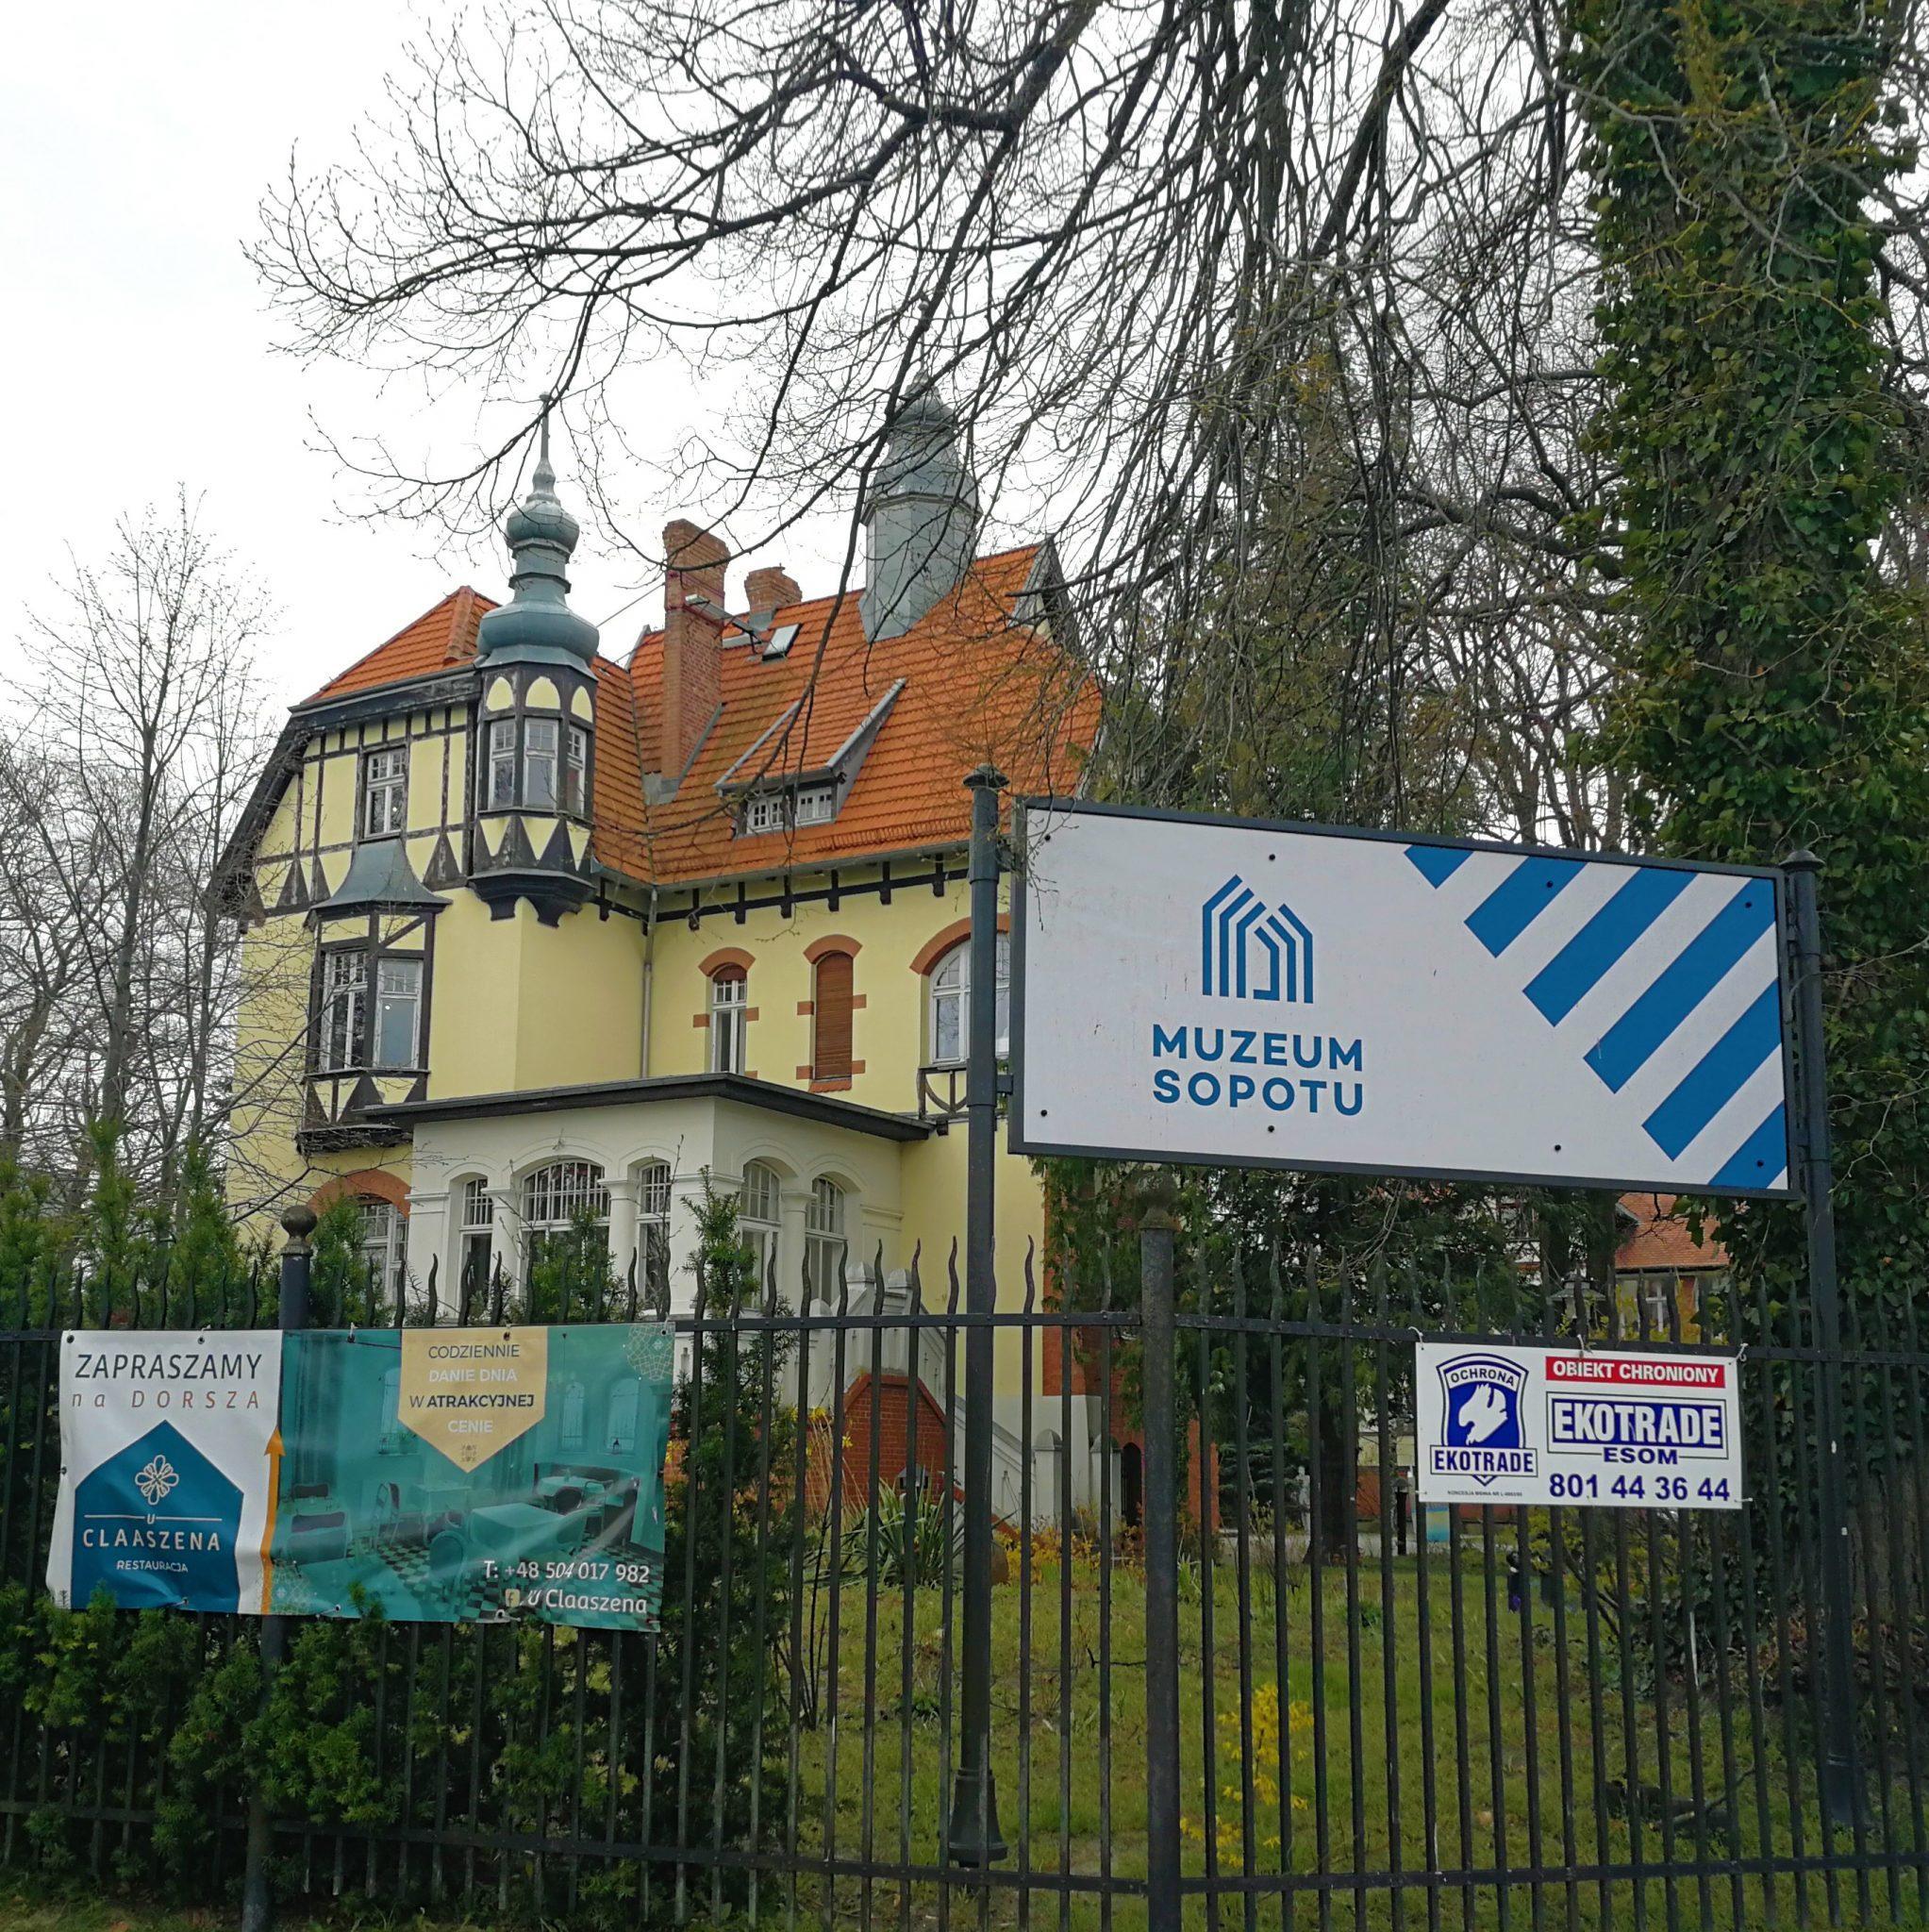 Eklektyczny-budynek-Muzeum-Sopotu-zdj.-Tour-Guide-Service-Gdansk